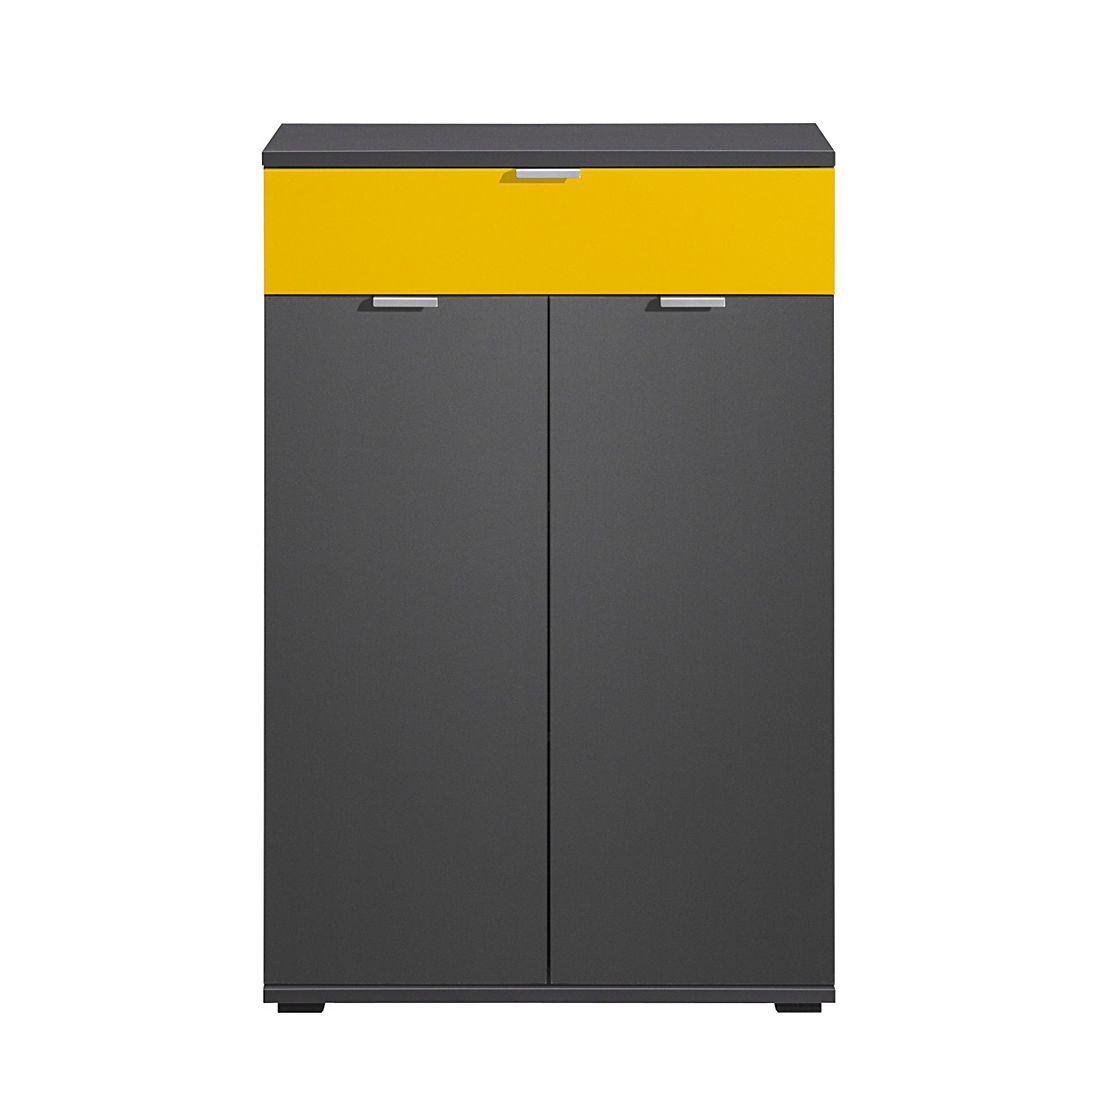 Schuhschrank Schuhsta II – Graphit/Gelb, CS Schmal jetzt kaufen